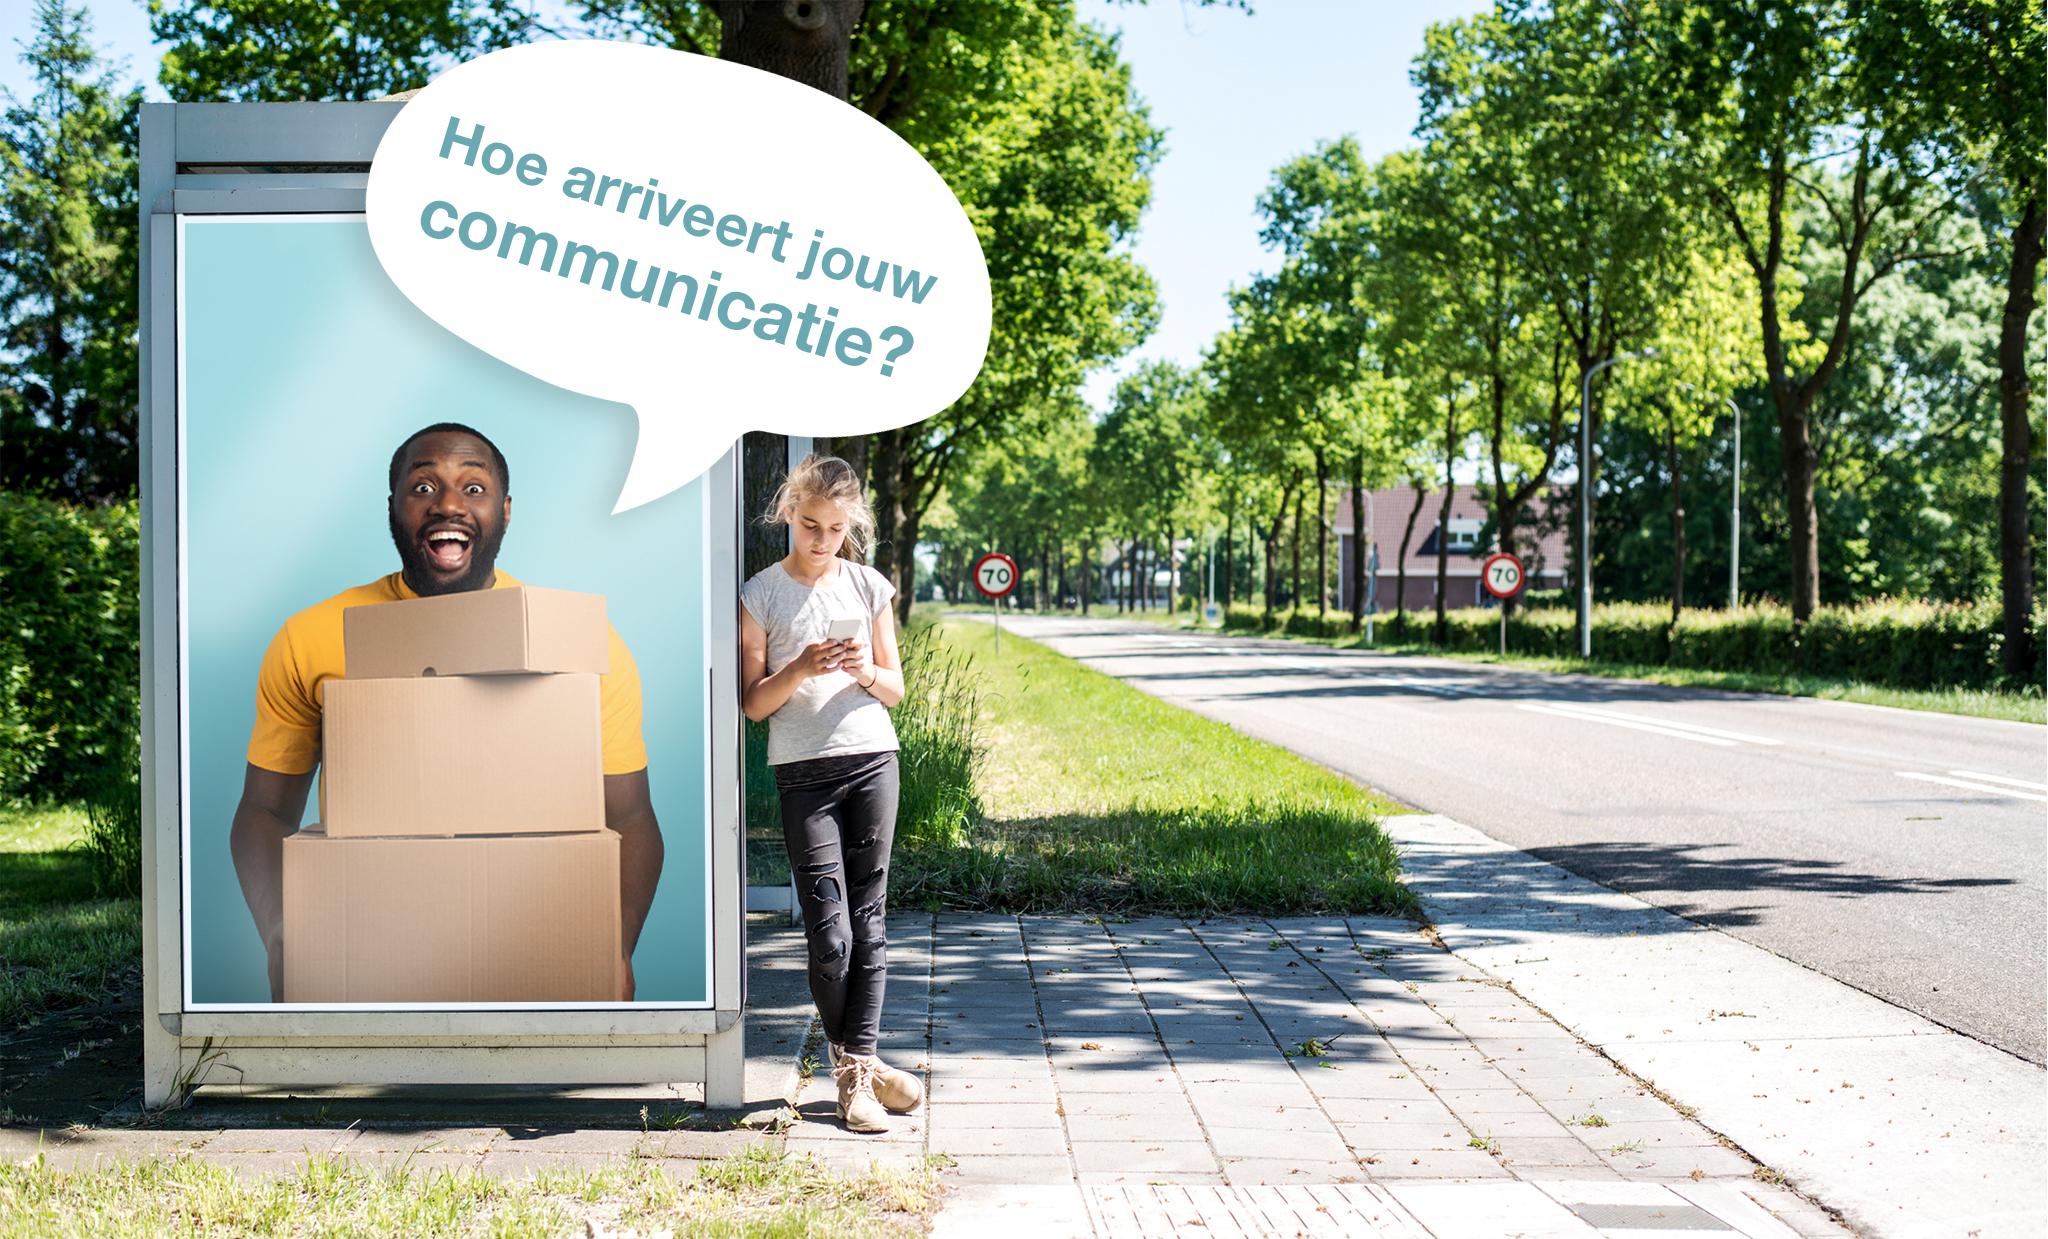 20210430-Communicatie moet arriveren